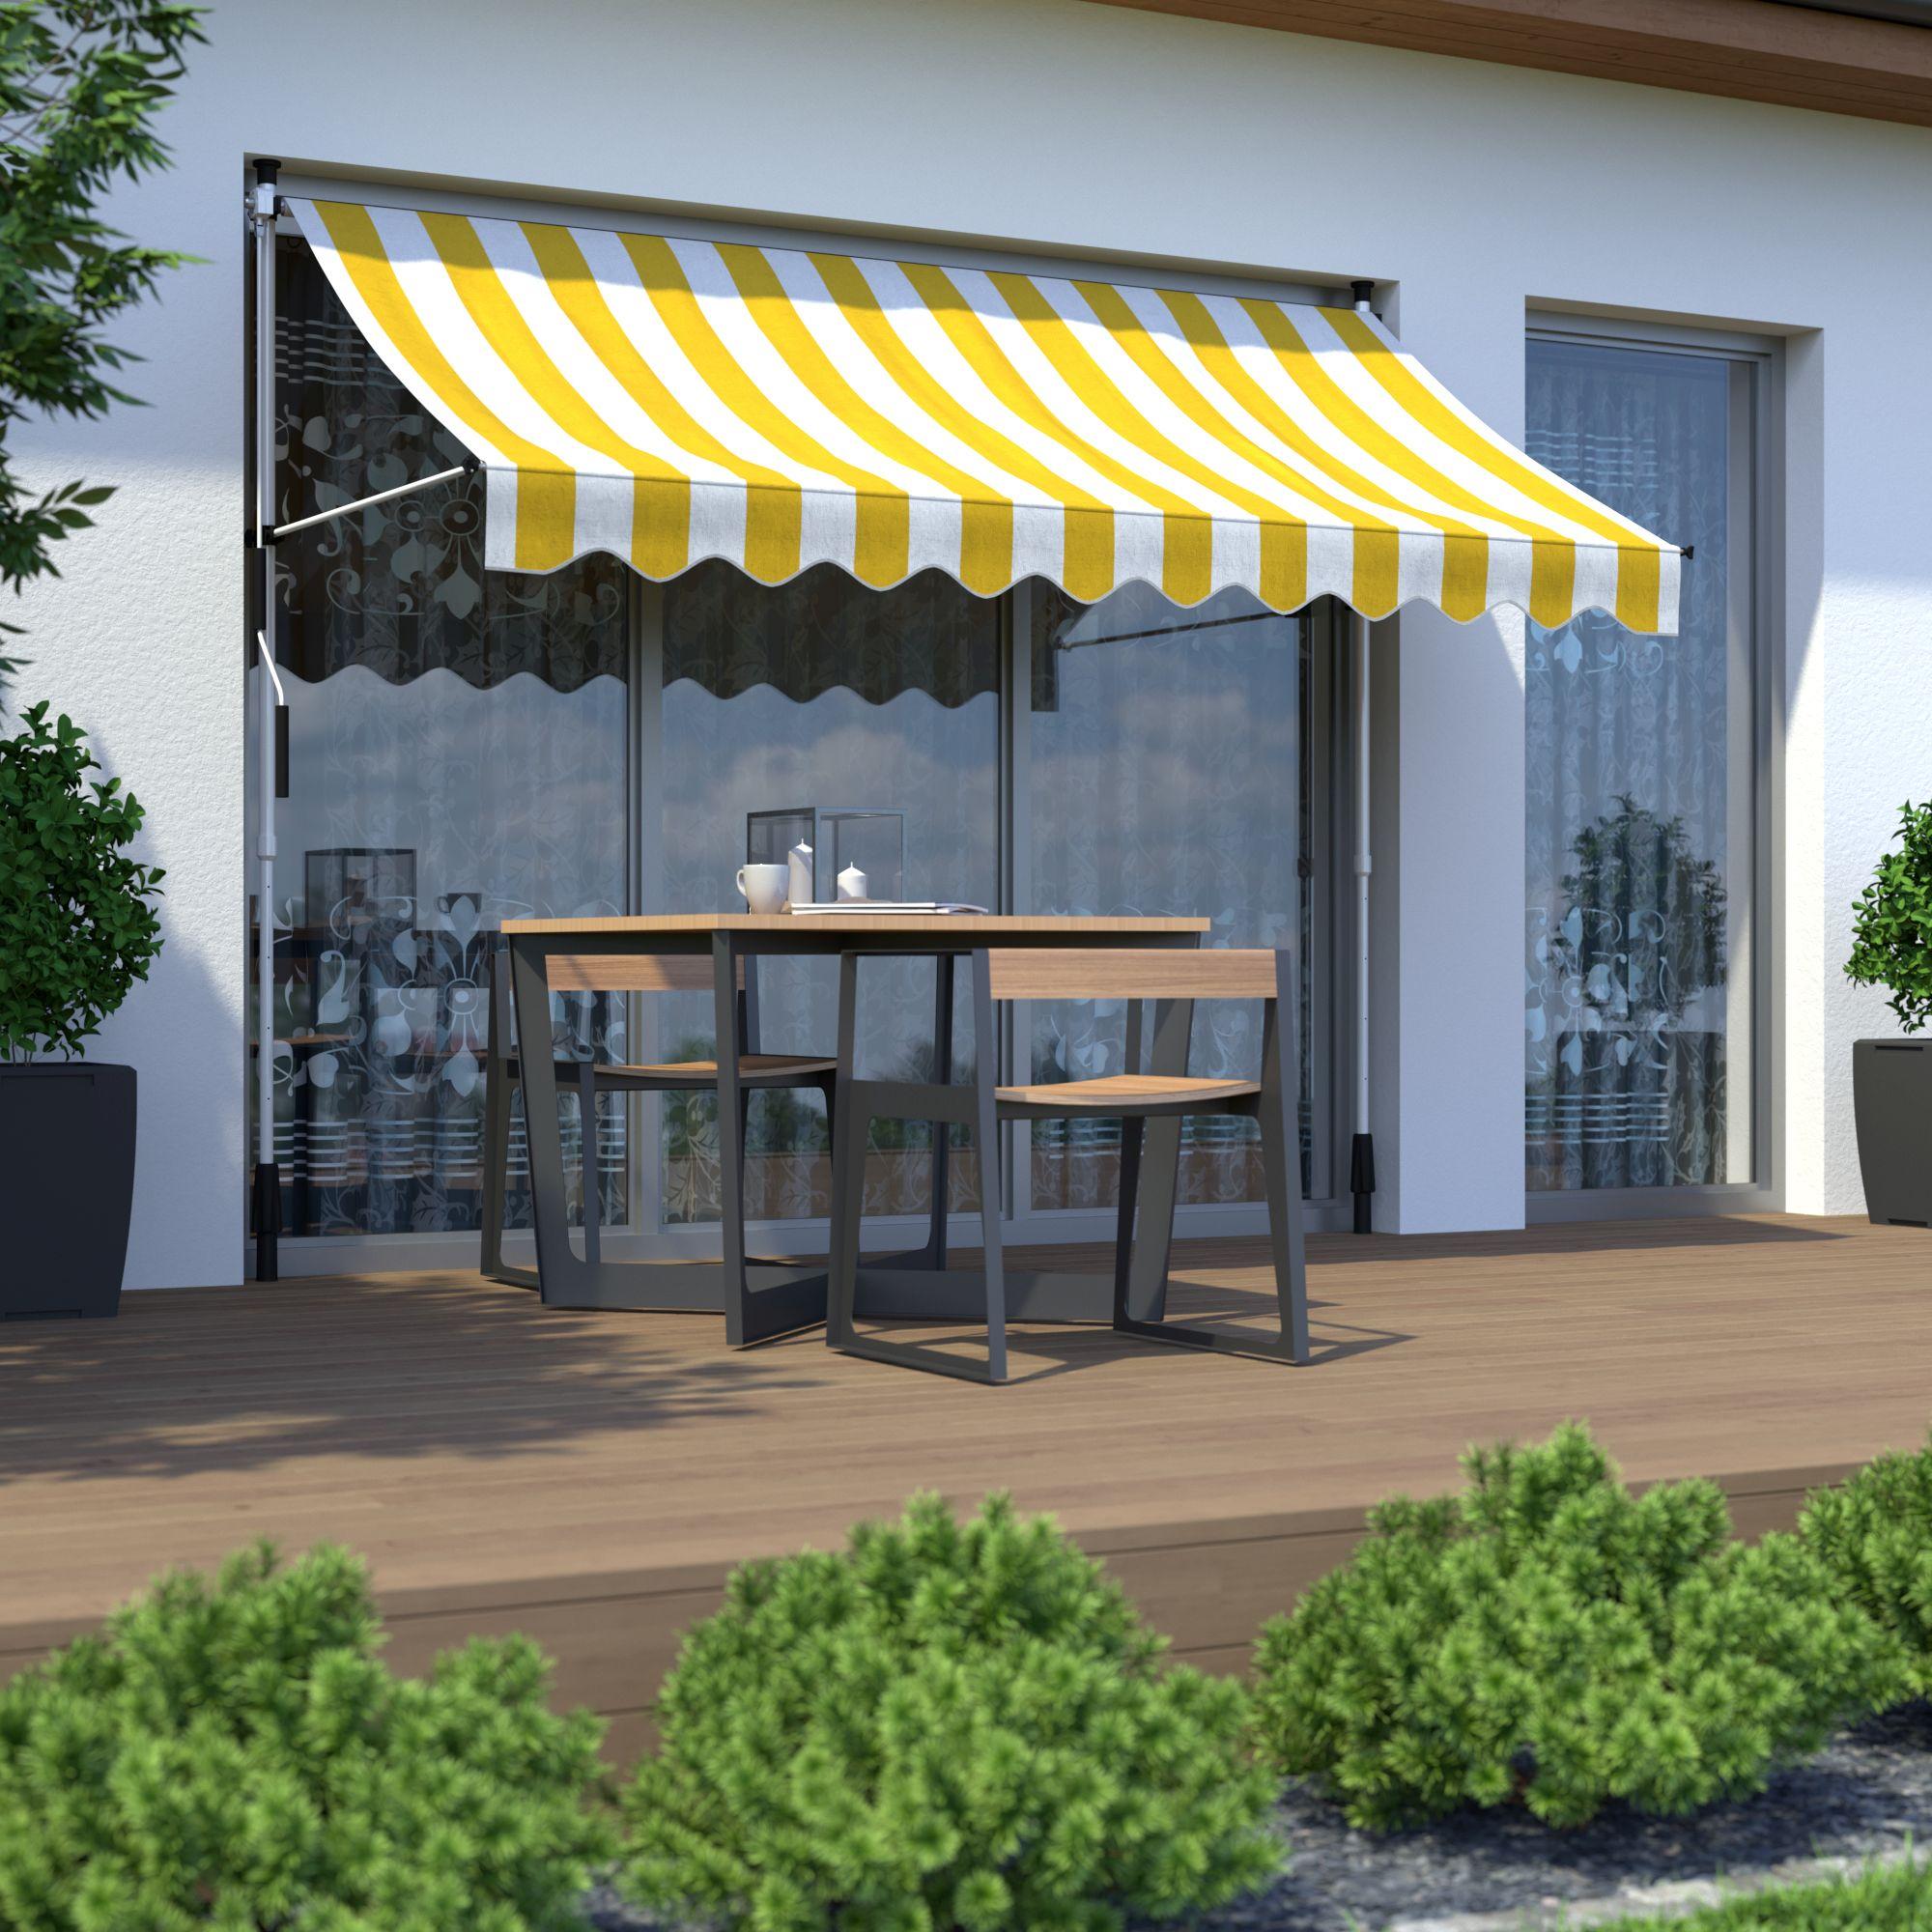 Markise-Balkonmarkise-Klemmmarkise-Garten-Sonnenschutz-einziehbar-ohne-Bohren Indexbild 16